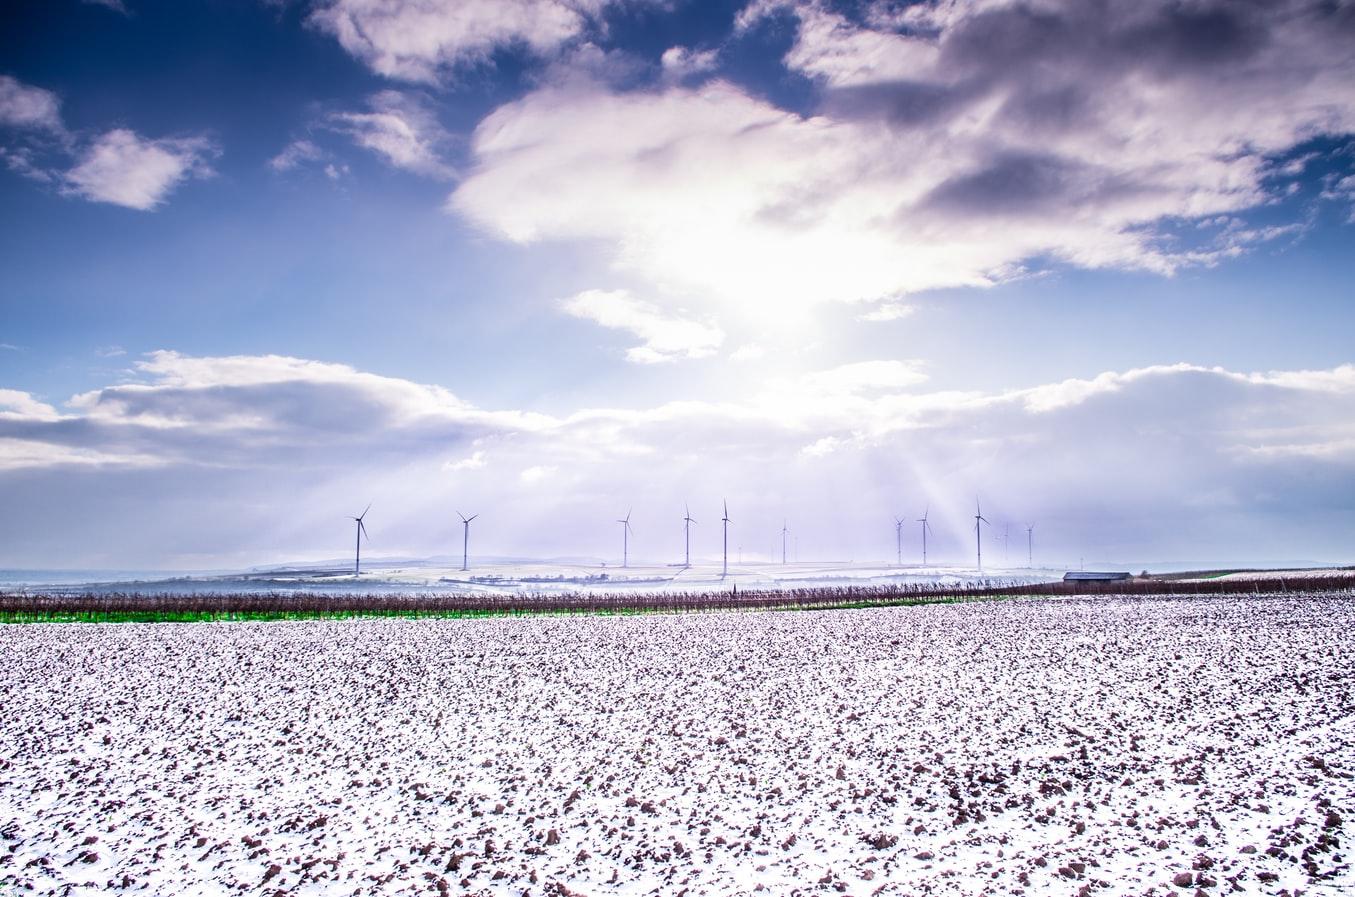 Das Basisinvestment für den Baustein der Energiewende